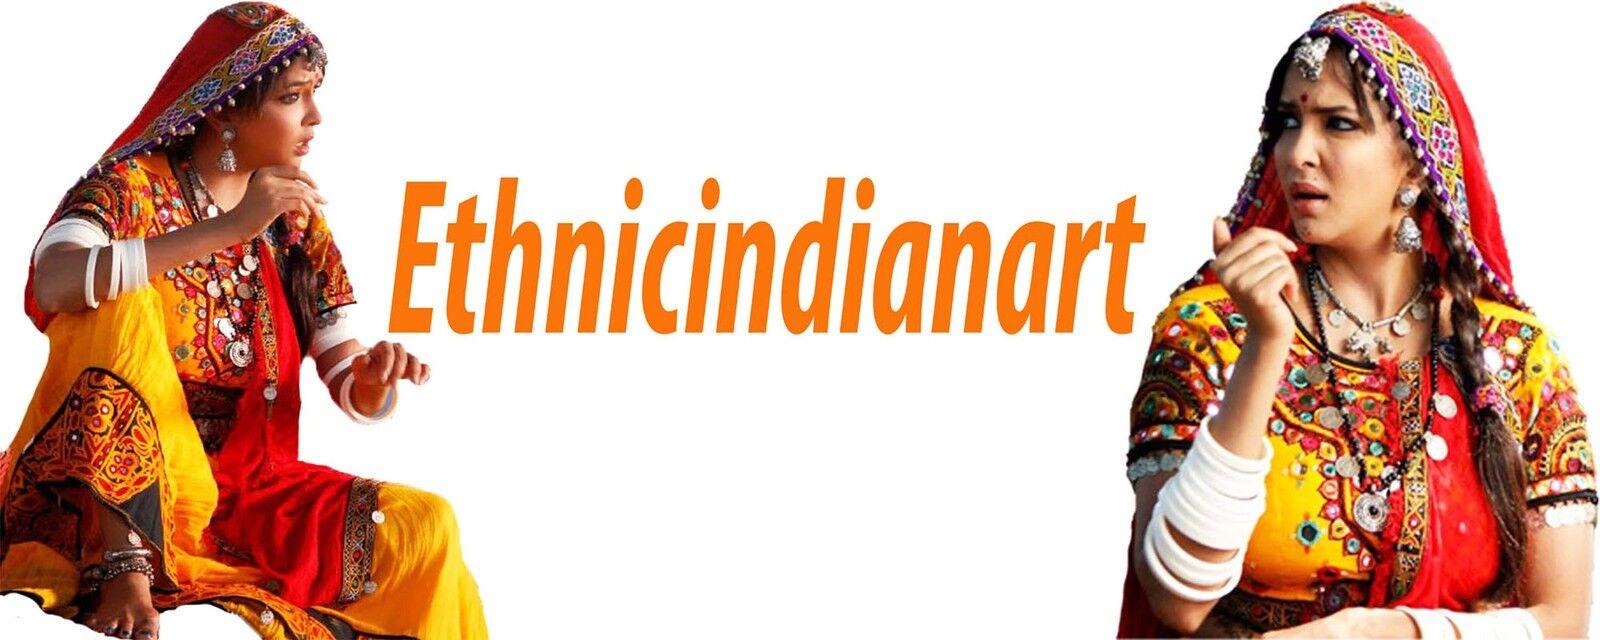 Ethnicindianart